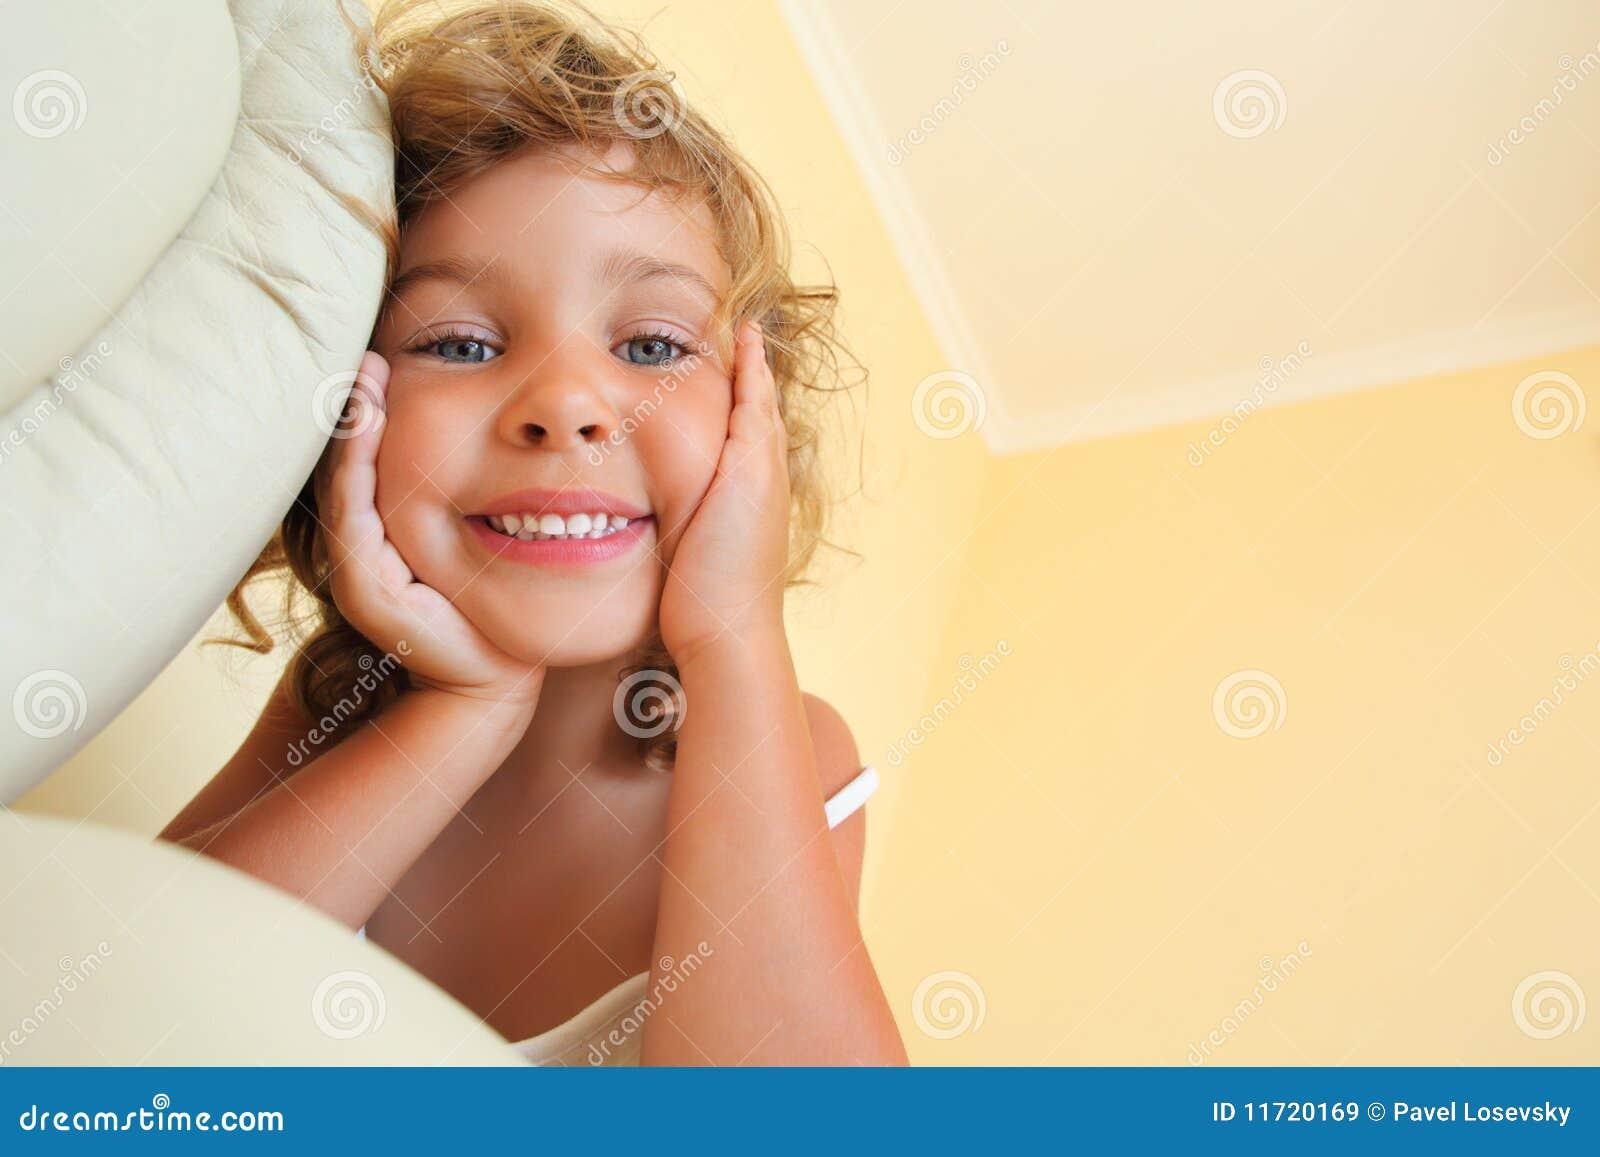 Glimlachend meisje in comfortabele ruimte het verkort tekenen royalty vrije stock afbeeldingen - Ruimte van het meisje parket ...